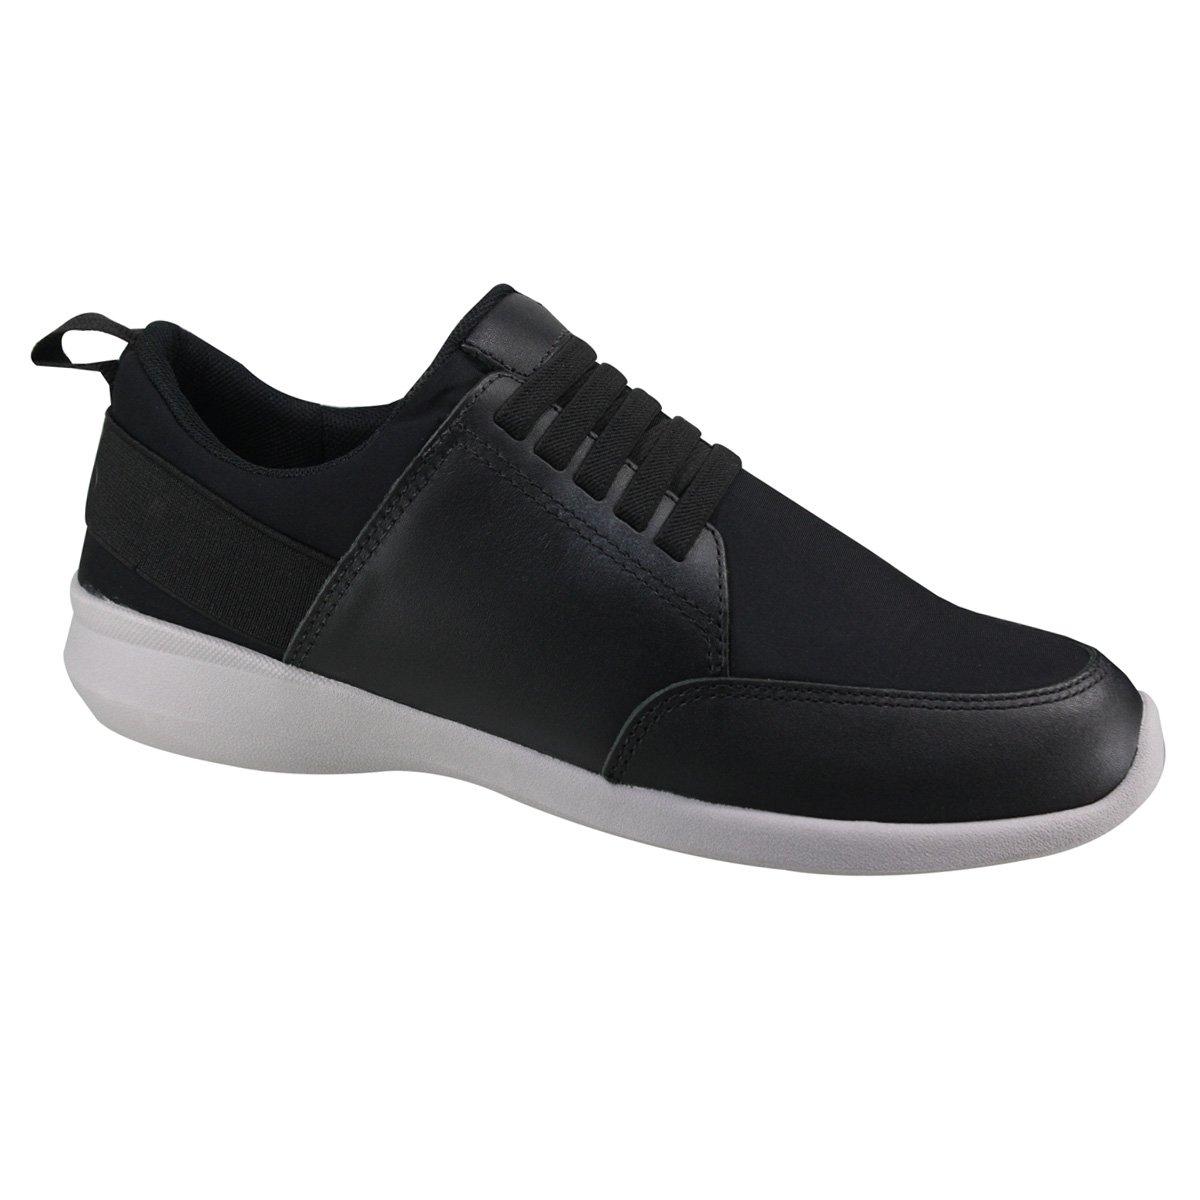 7b7a55935f Sapato Masculino Usaflex Unique Experience Y6102DB 50 - Preto ...